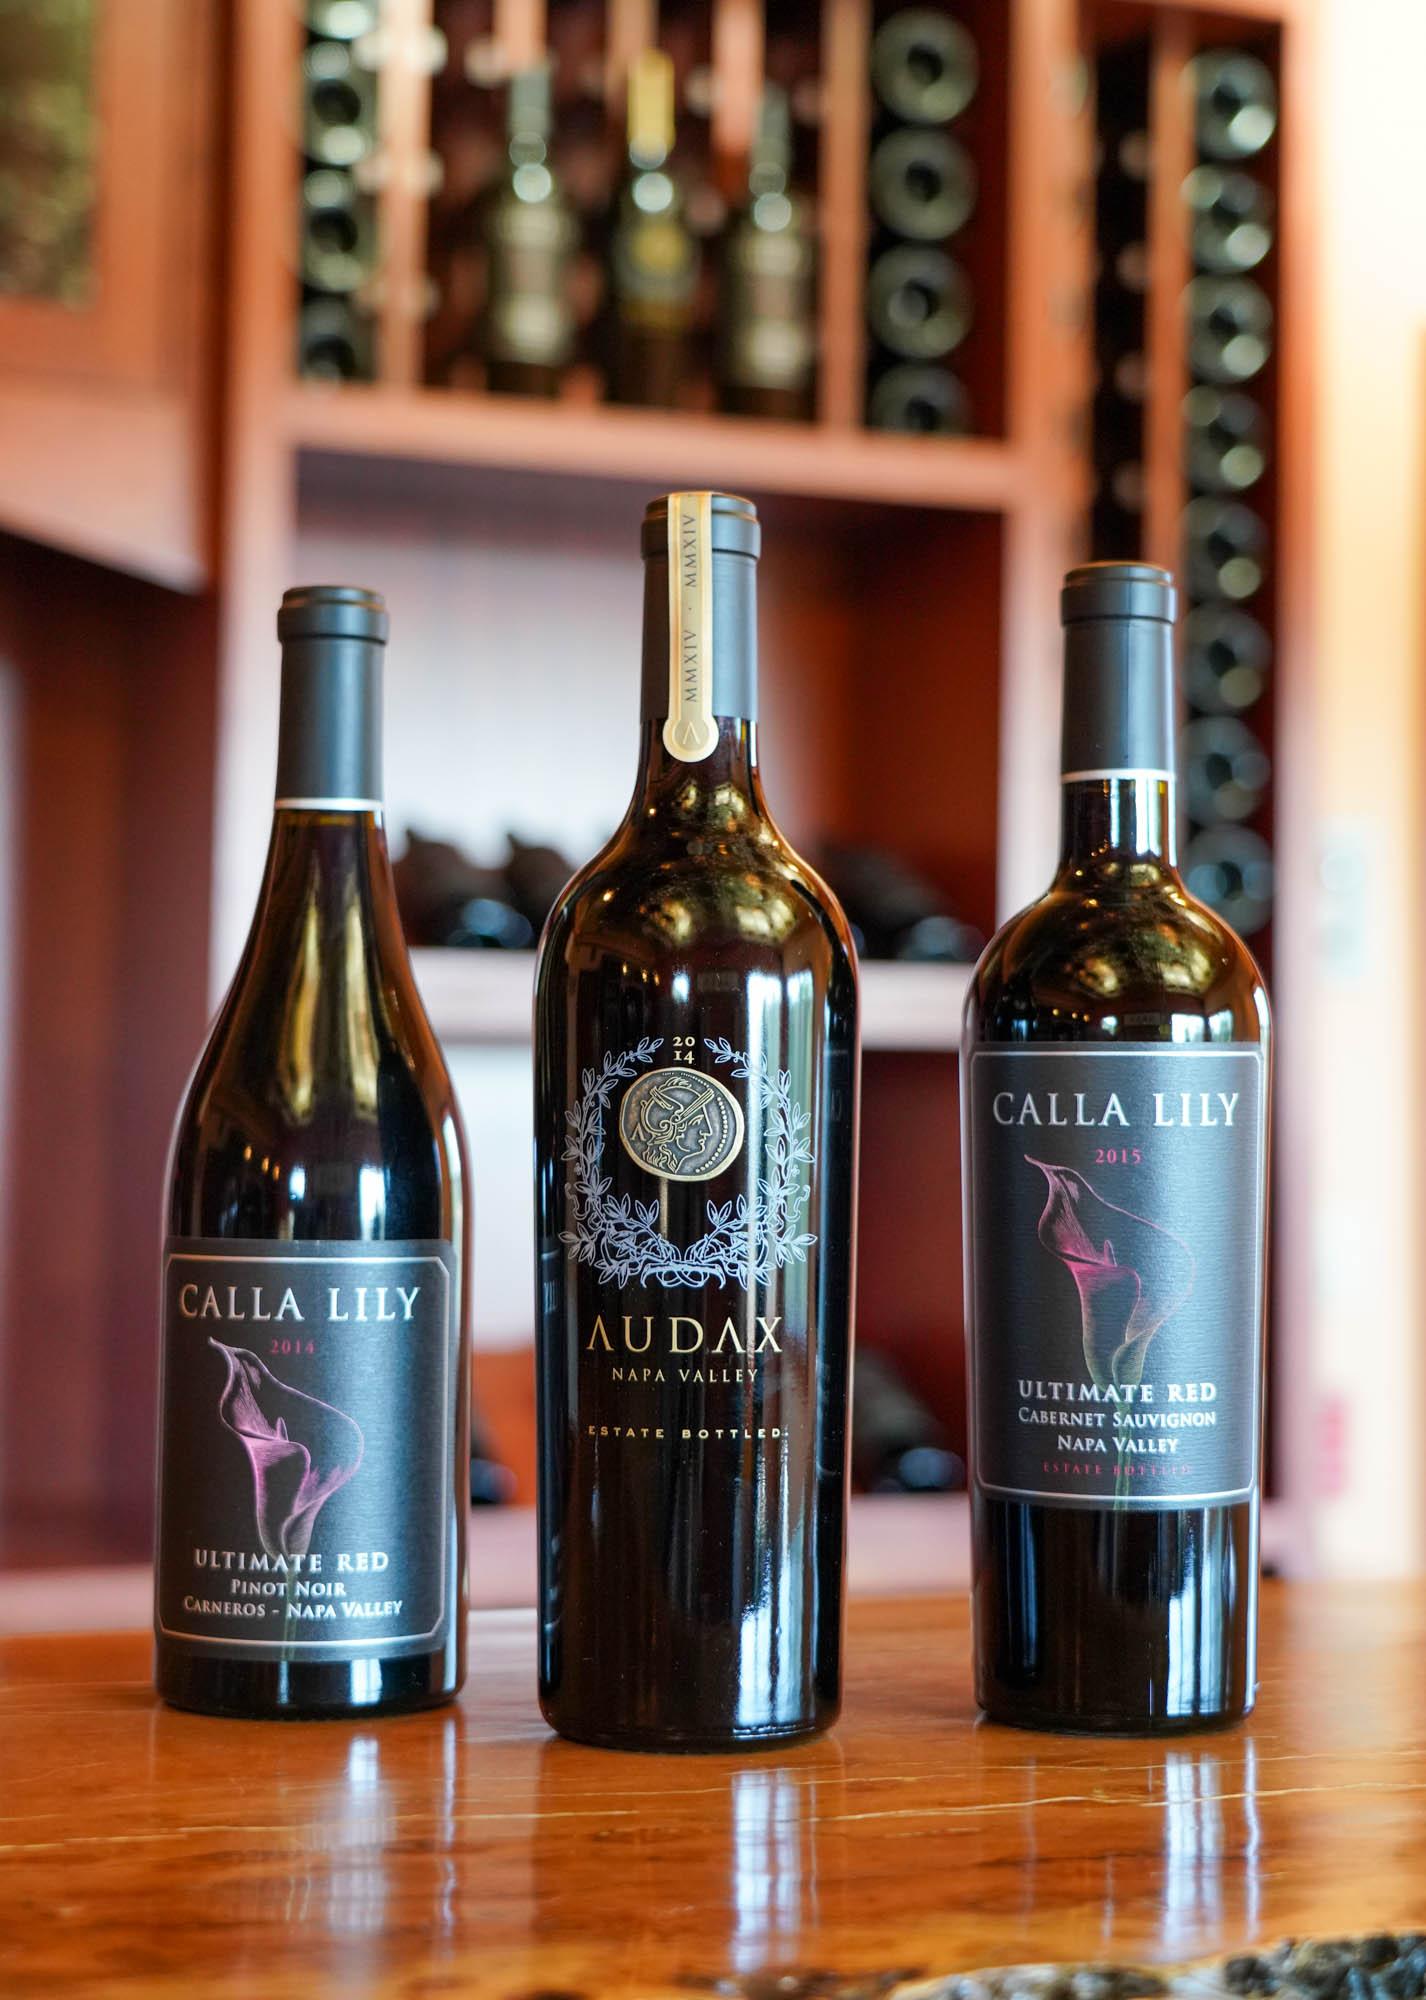 Calla Lily wines